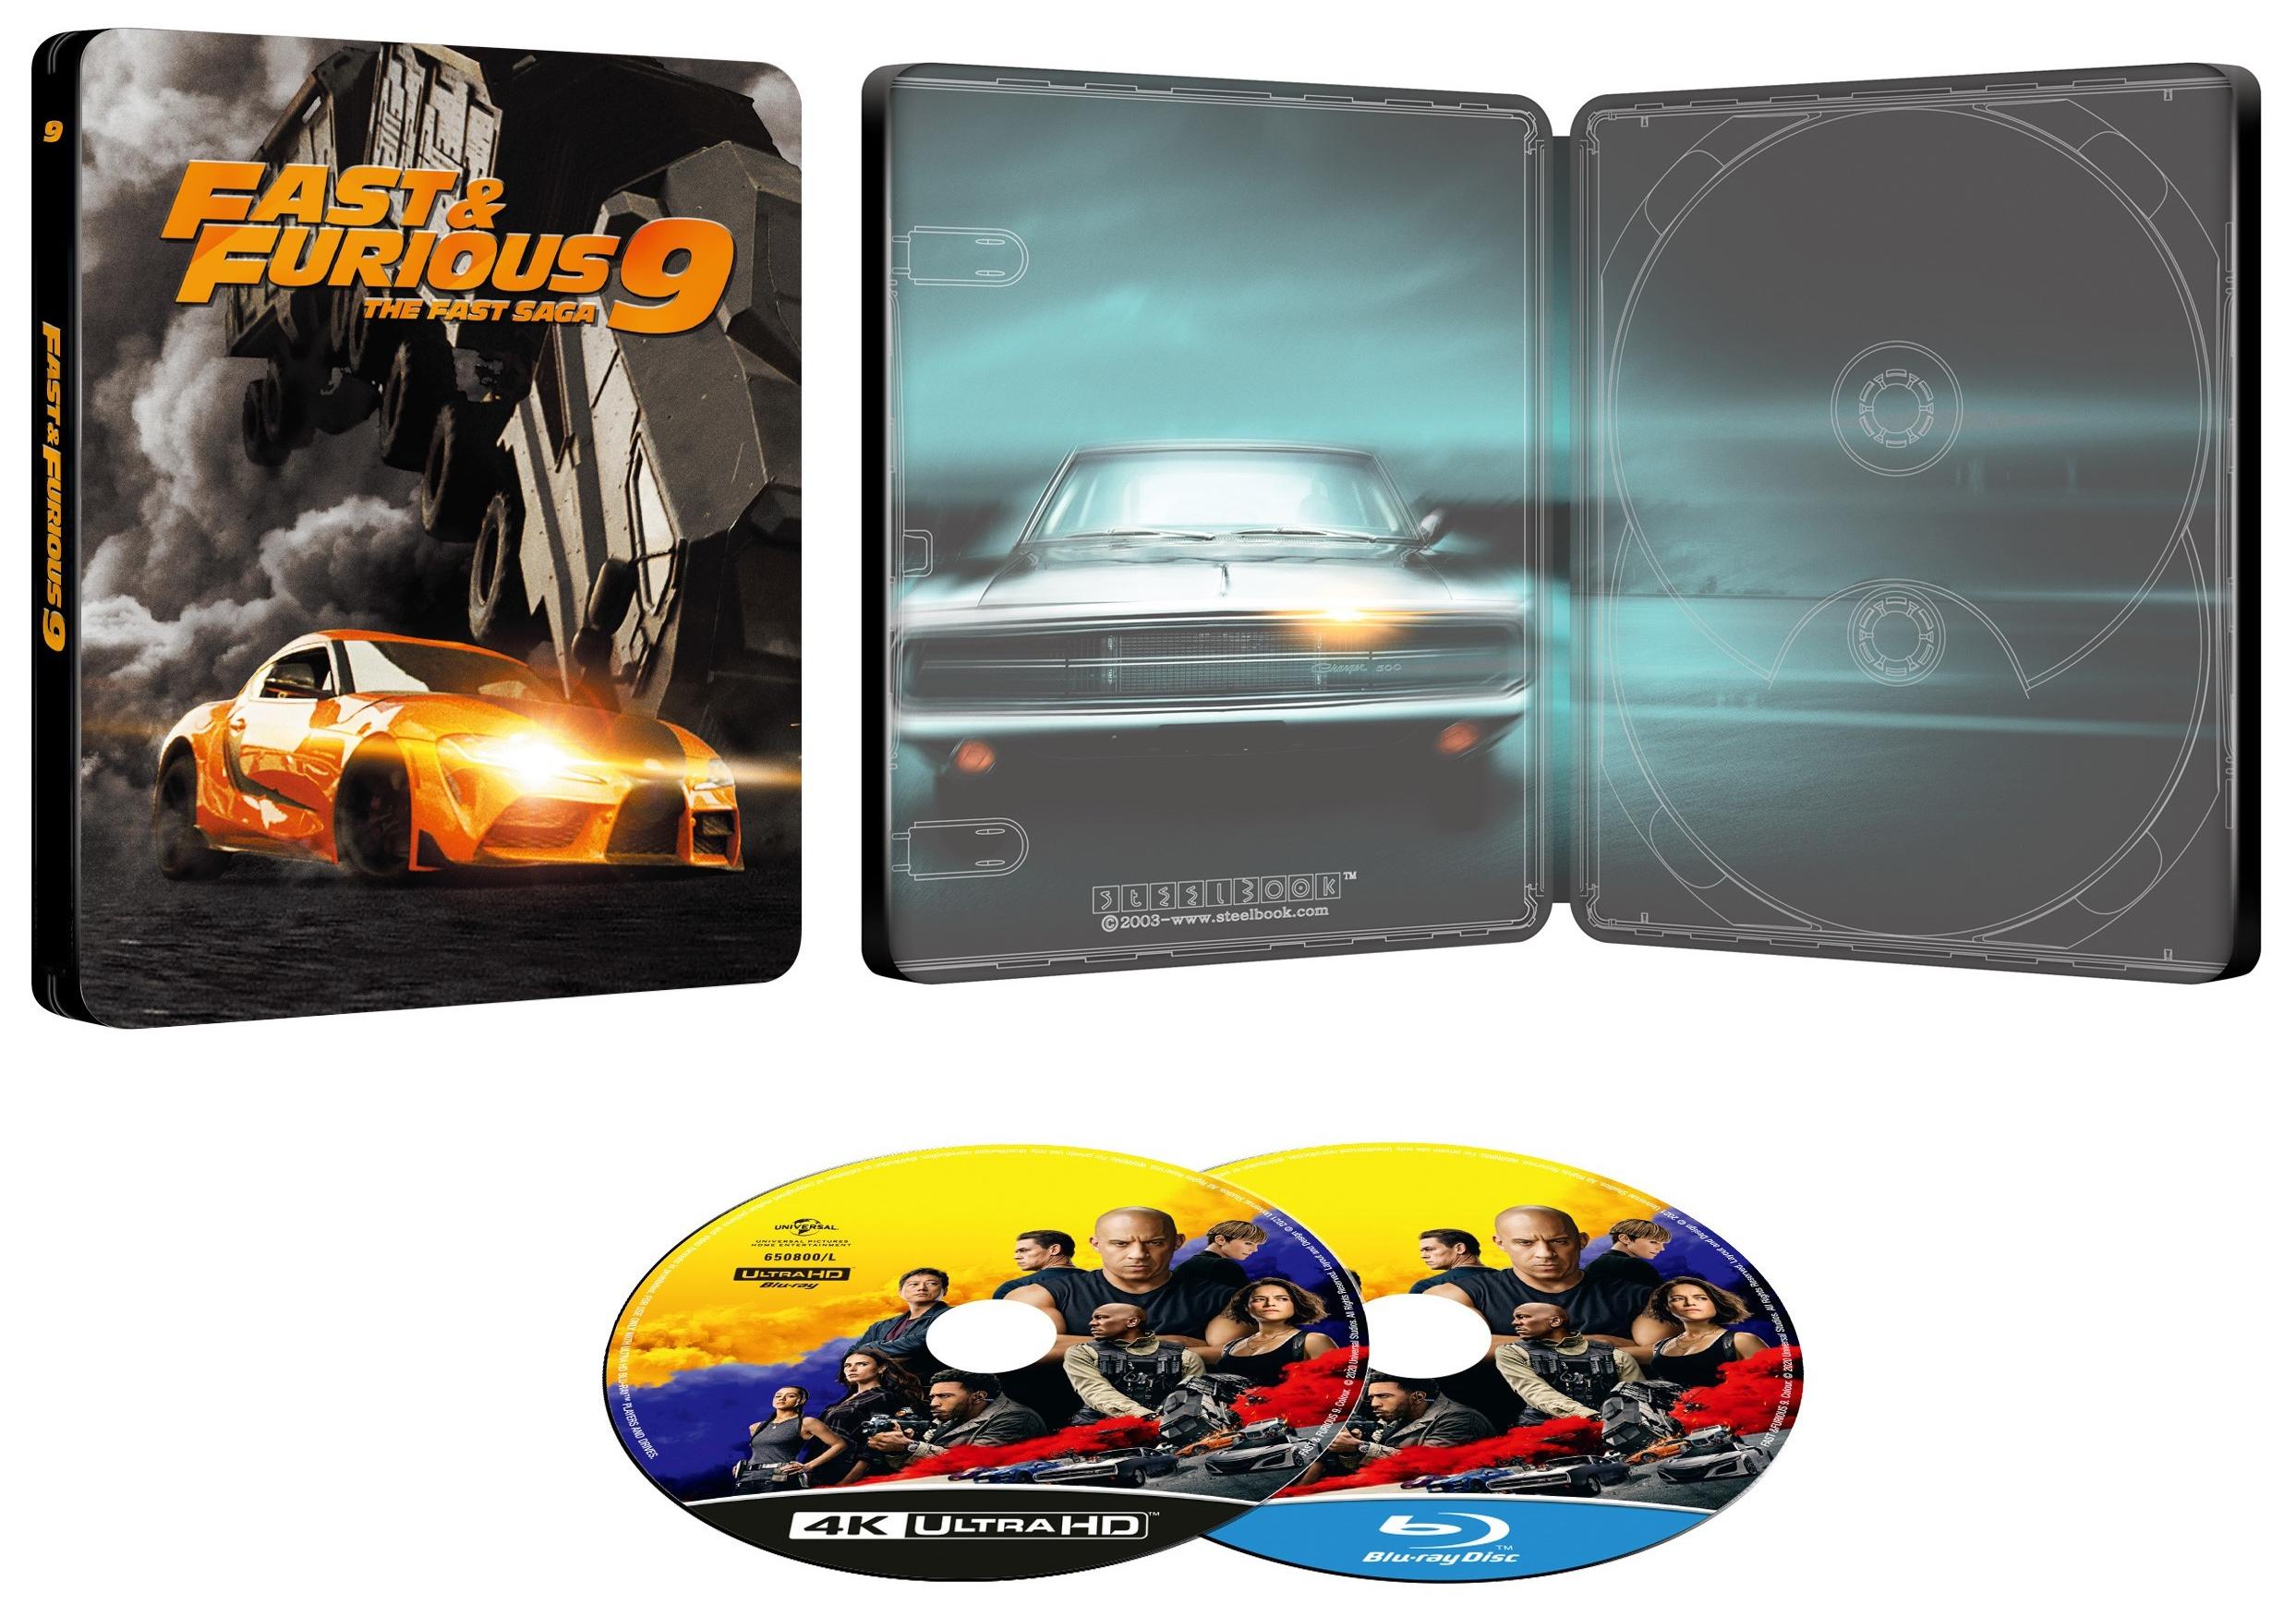 ワイルド・スピード/ジェットブレイク steelbook  Fast & Furious 9 NBCユニバーサルオンラインストア スチールブック